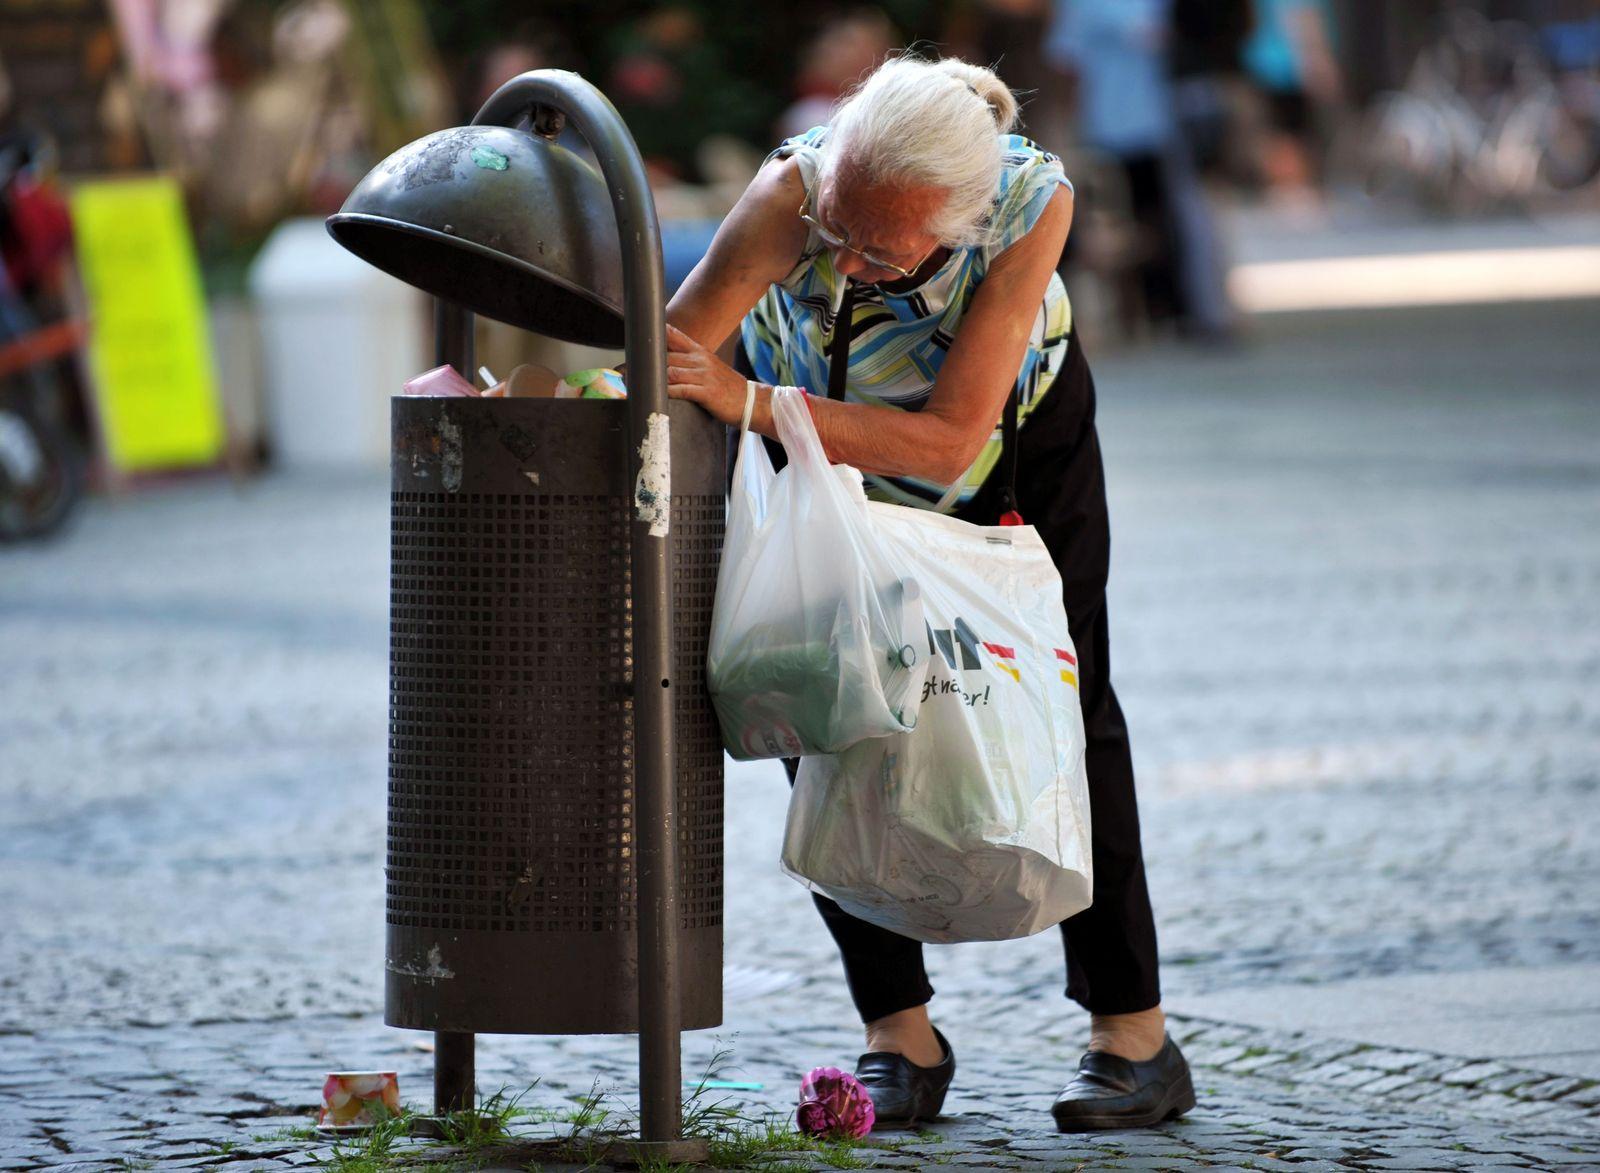 Armut / Müll / Armutsbericht /